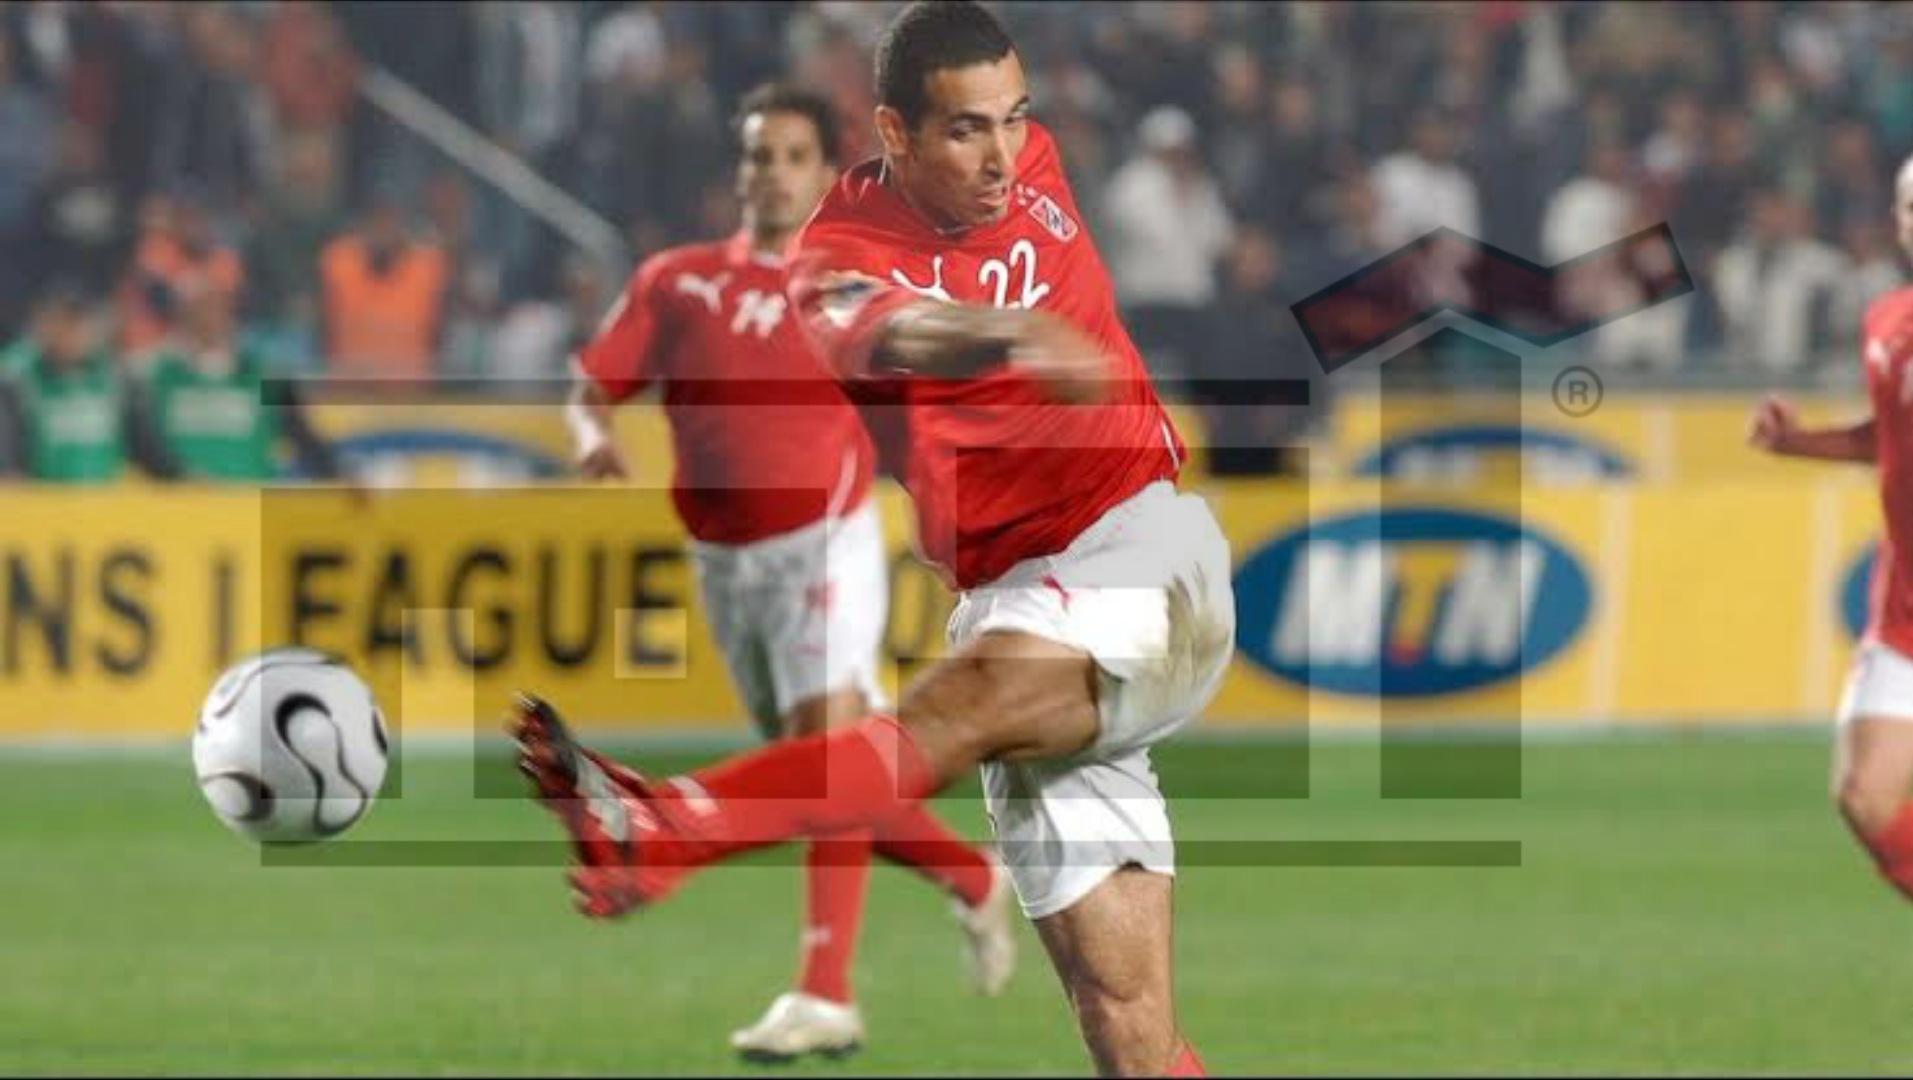 محمد أبو تريكة , النادي الأهلي , دوري ابطال أفريقيا